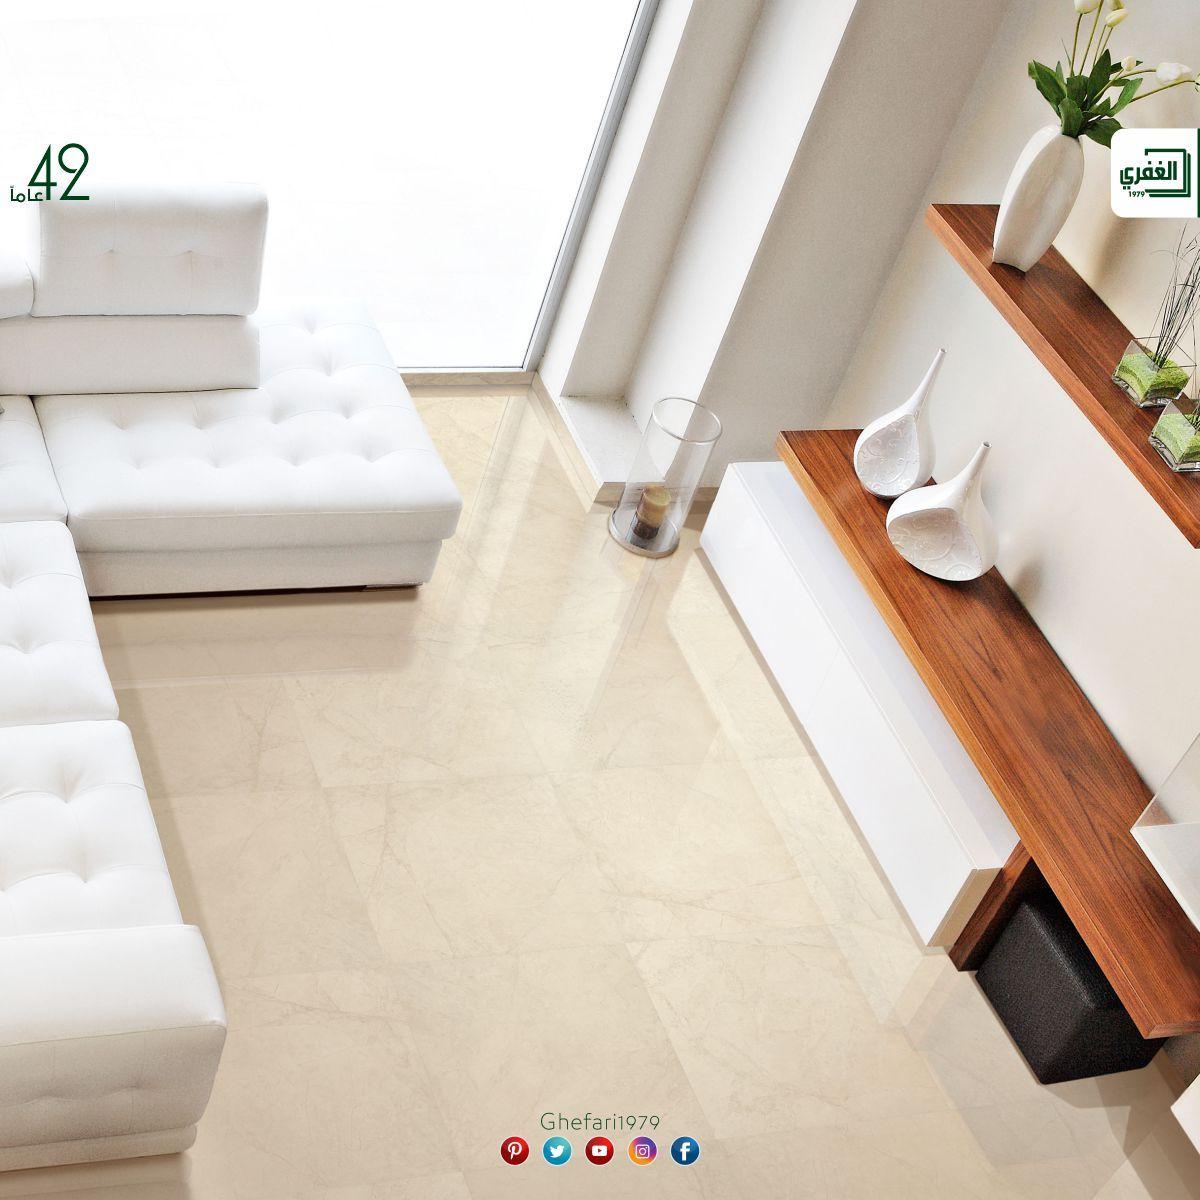 بورسلان ارضي أسباني من شركة Pamesa Ceramica مقاس 60x60cm للمزيد زورونا على موقع الشركة Https Www Ghefari Com Ar Avgo Blanco وات In 2021 Bathtub Bath Caddy Bath